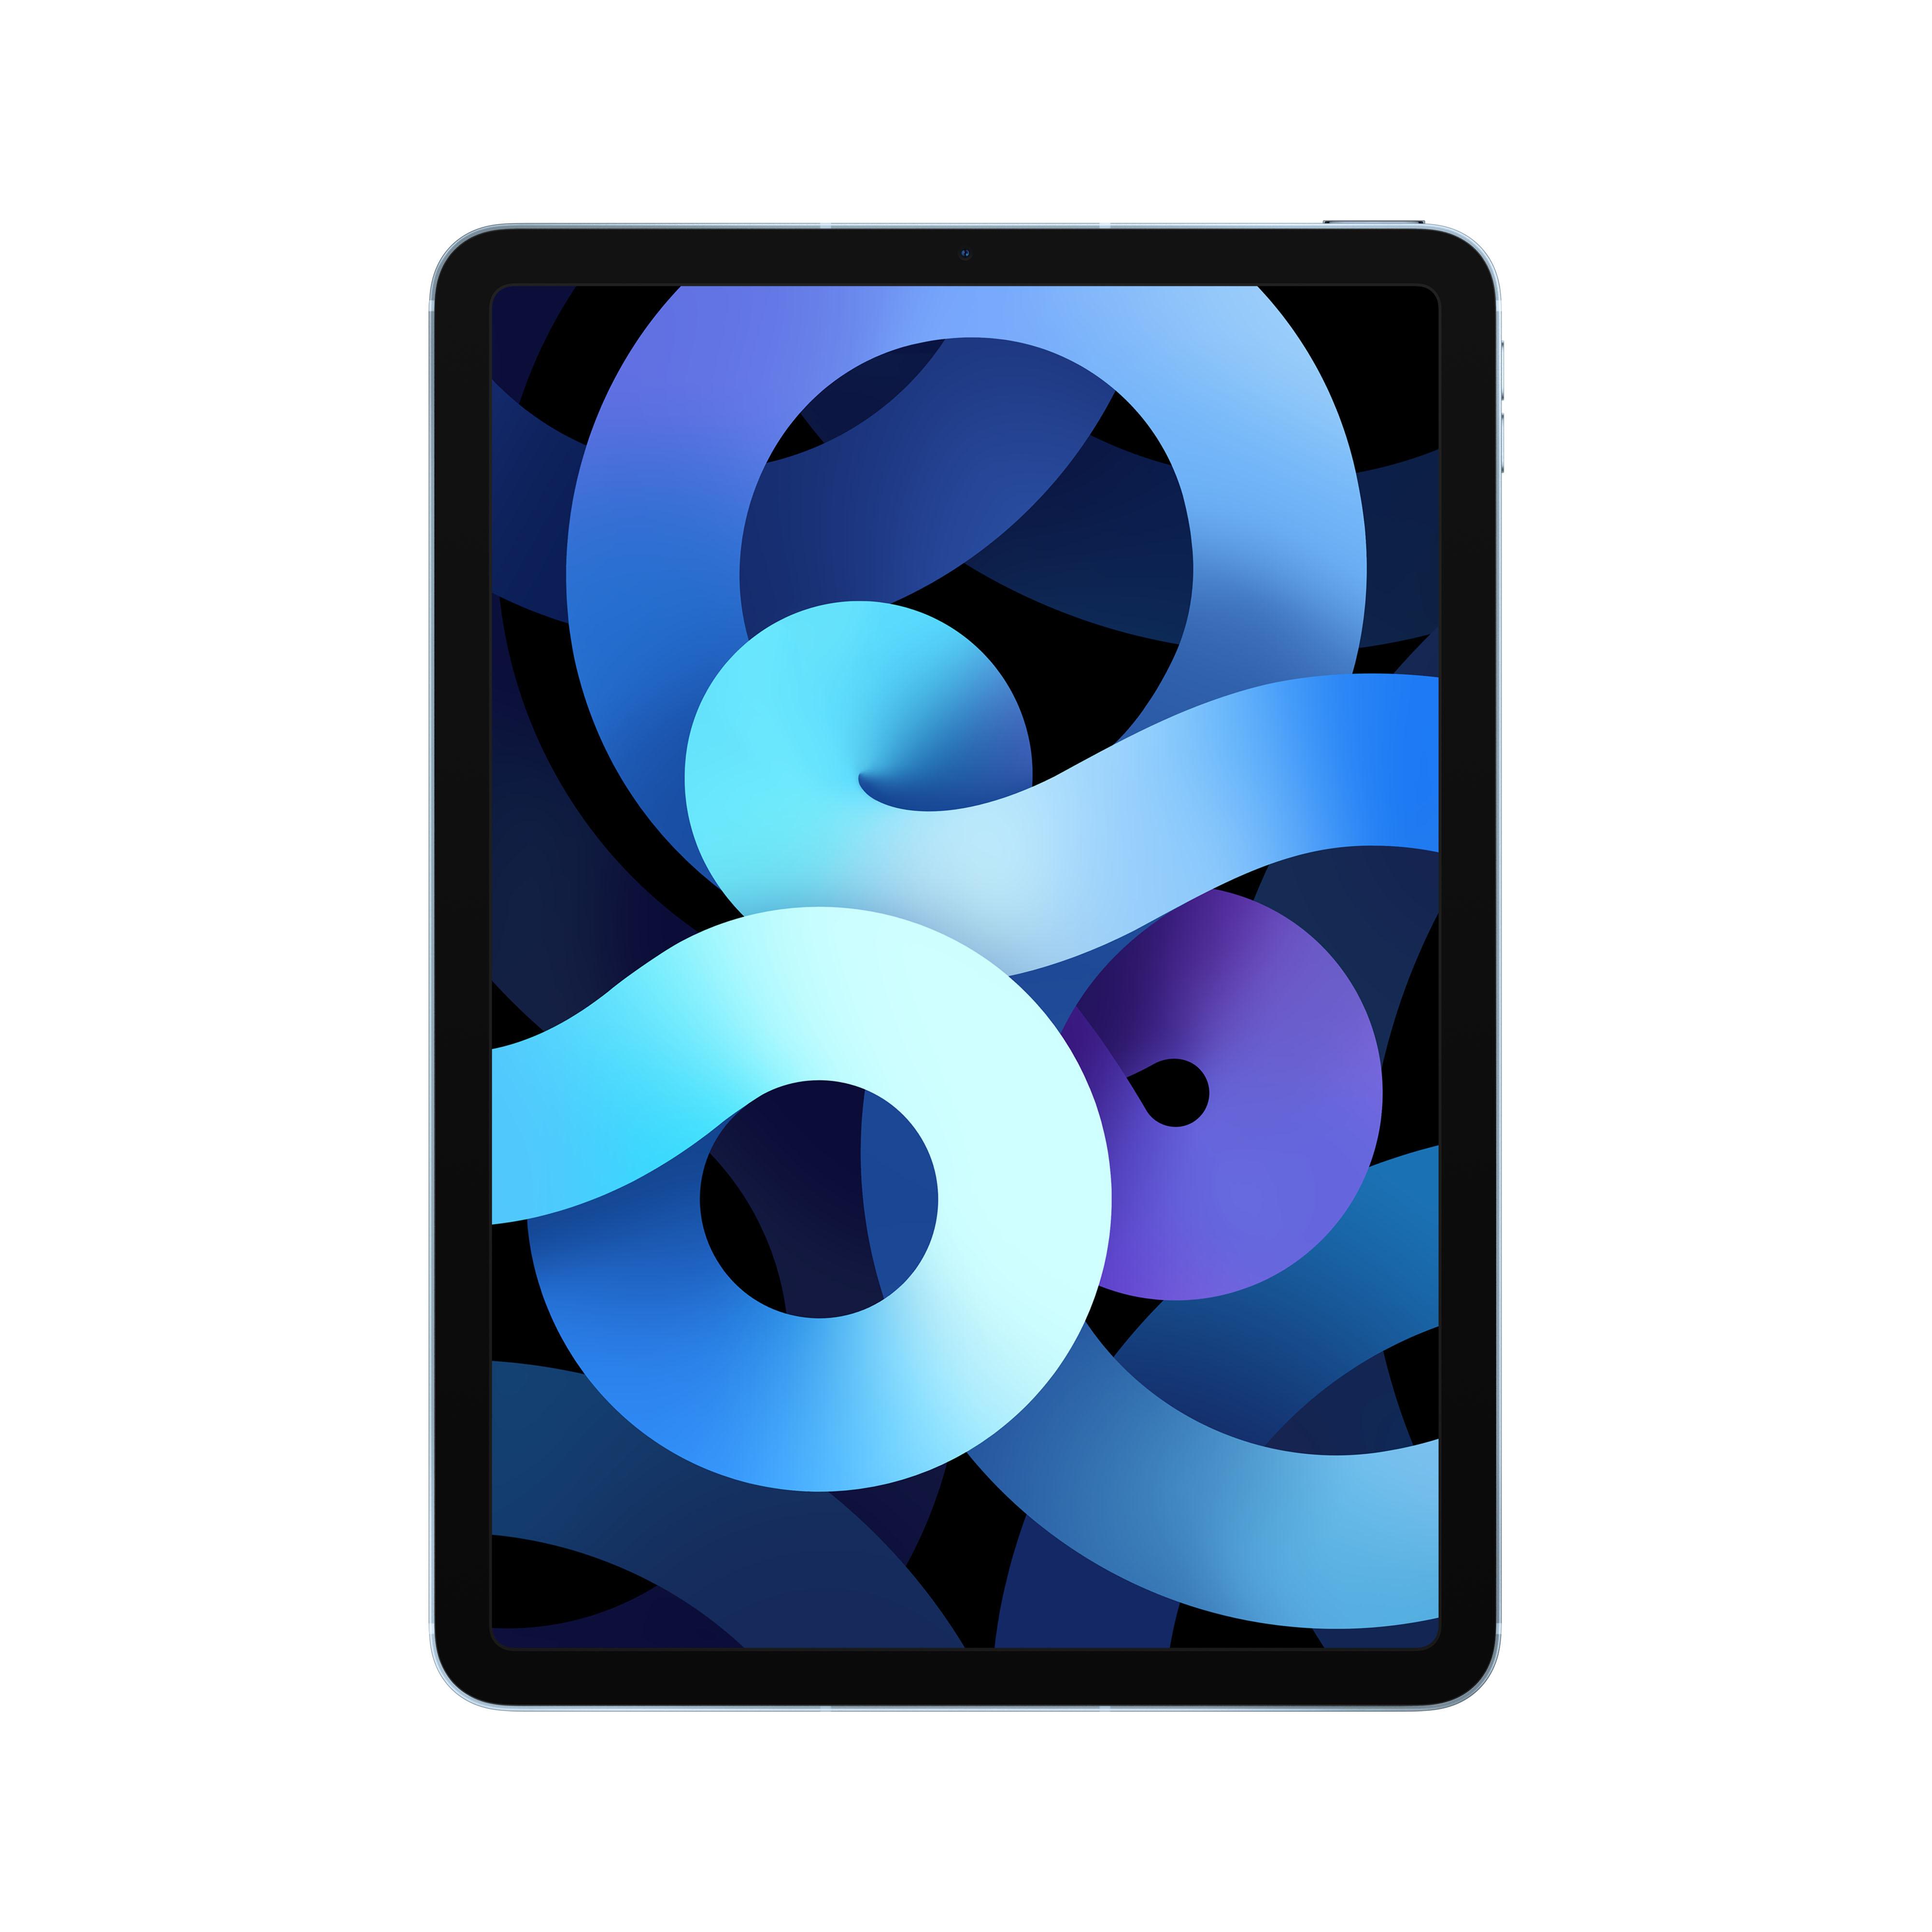 Apple - 10.9-inch iPad Air Wi-Fi + Cellular 256GB - Sky Blue Myh62ty/a